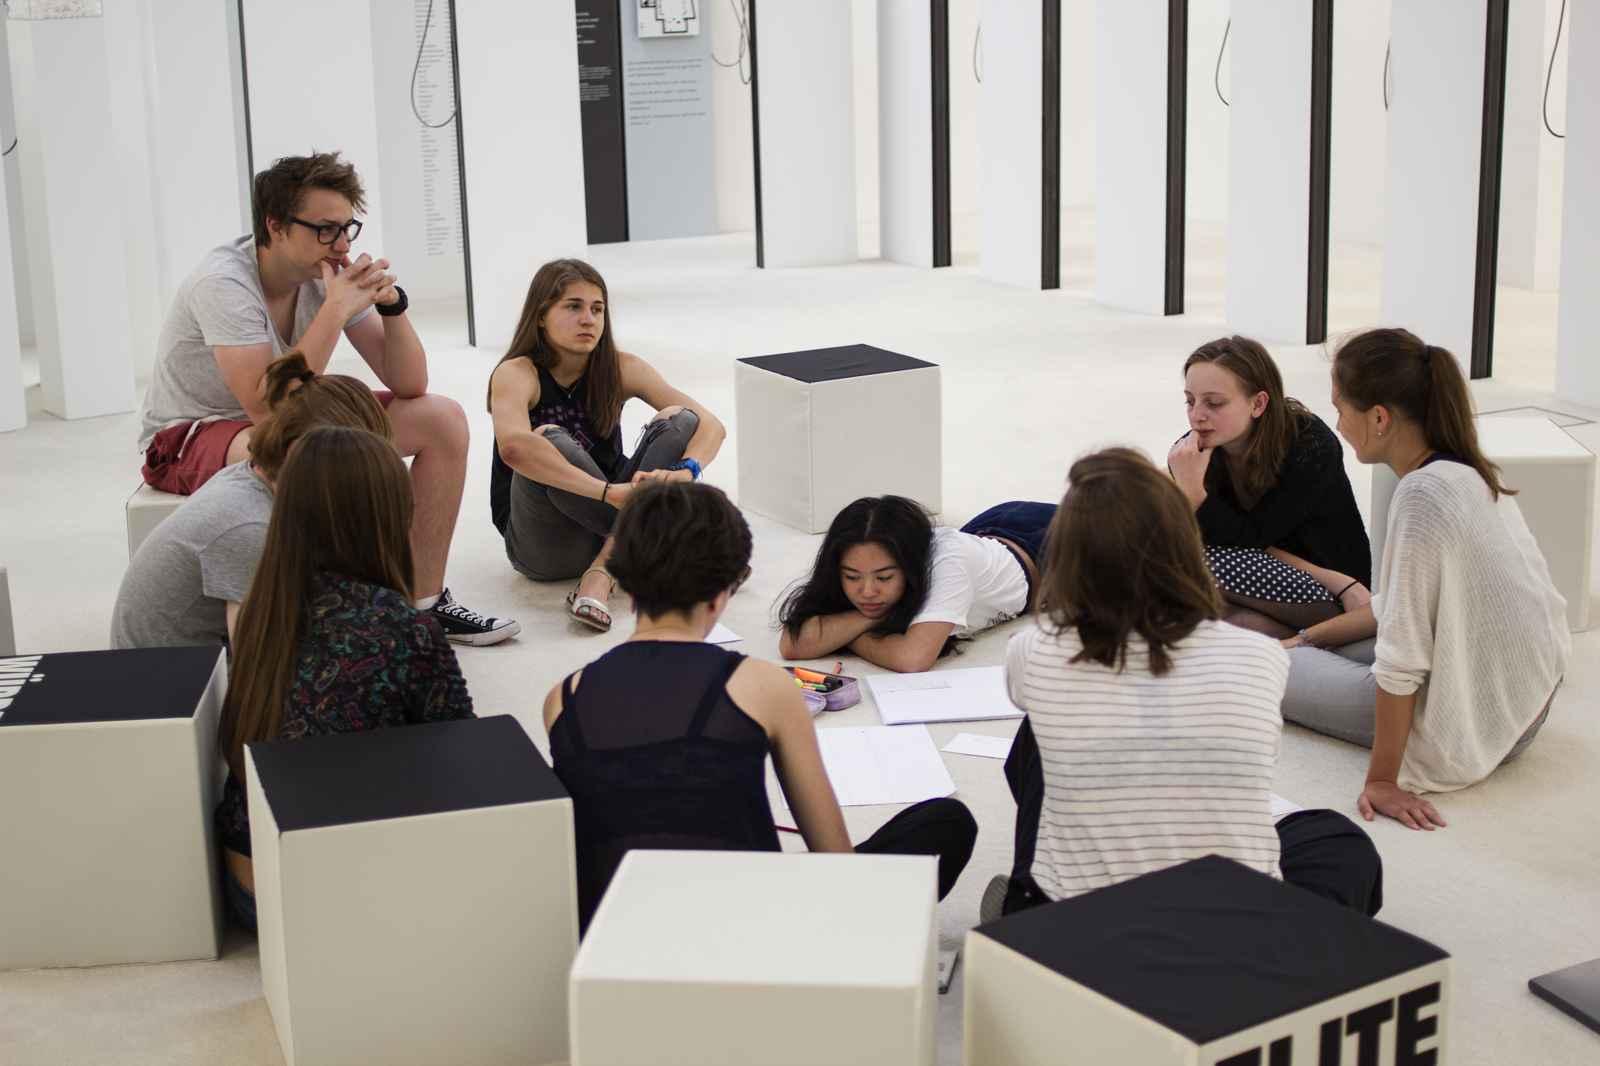 Gruppenarbeit: neun SchülerInnen im Kreis sitzend